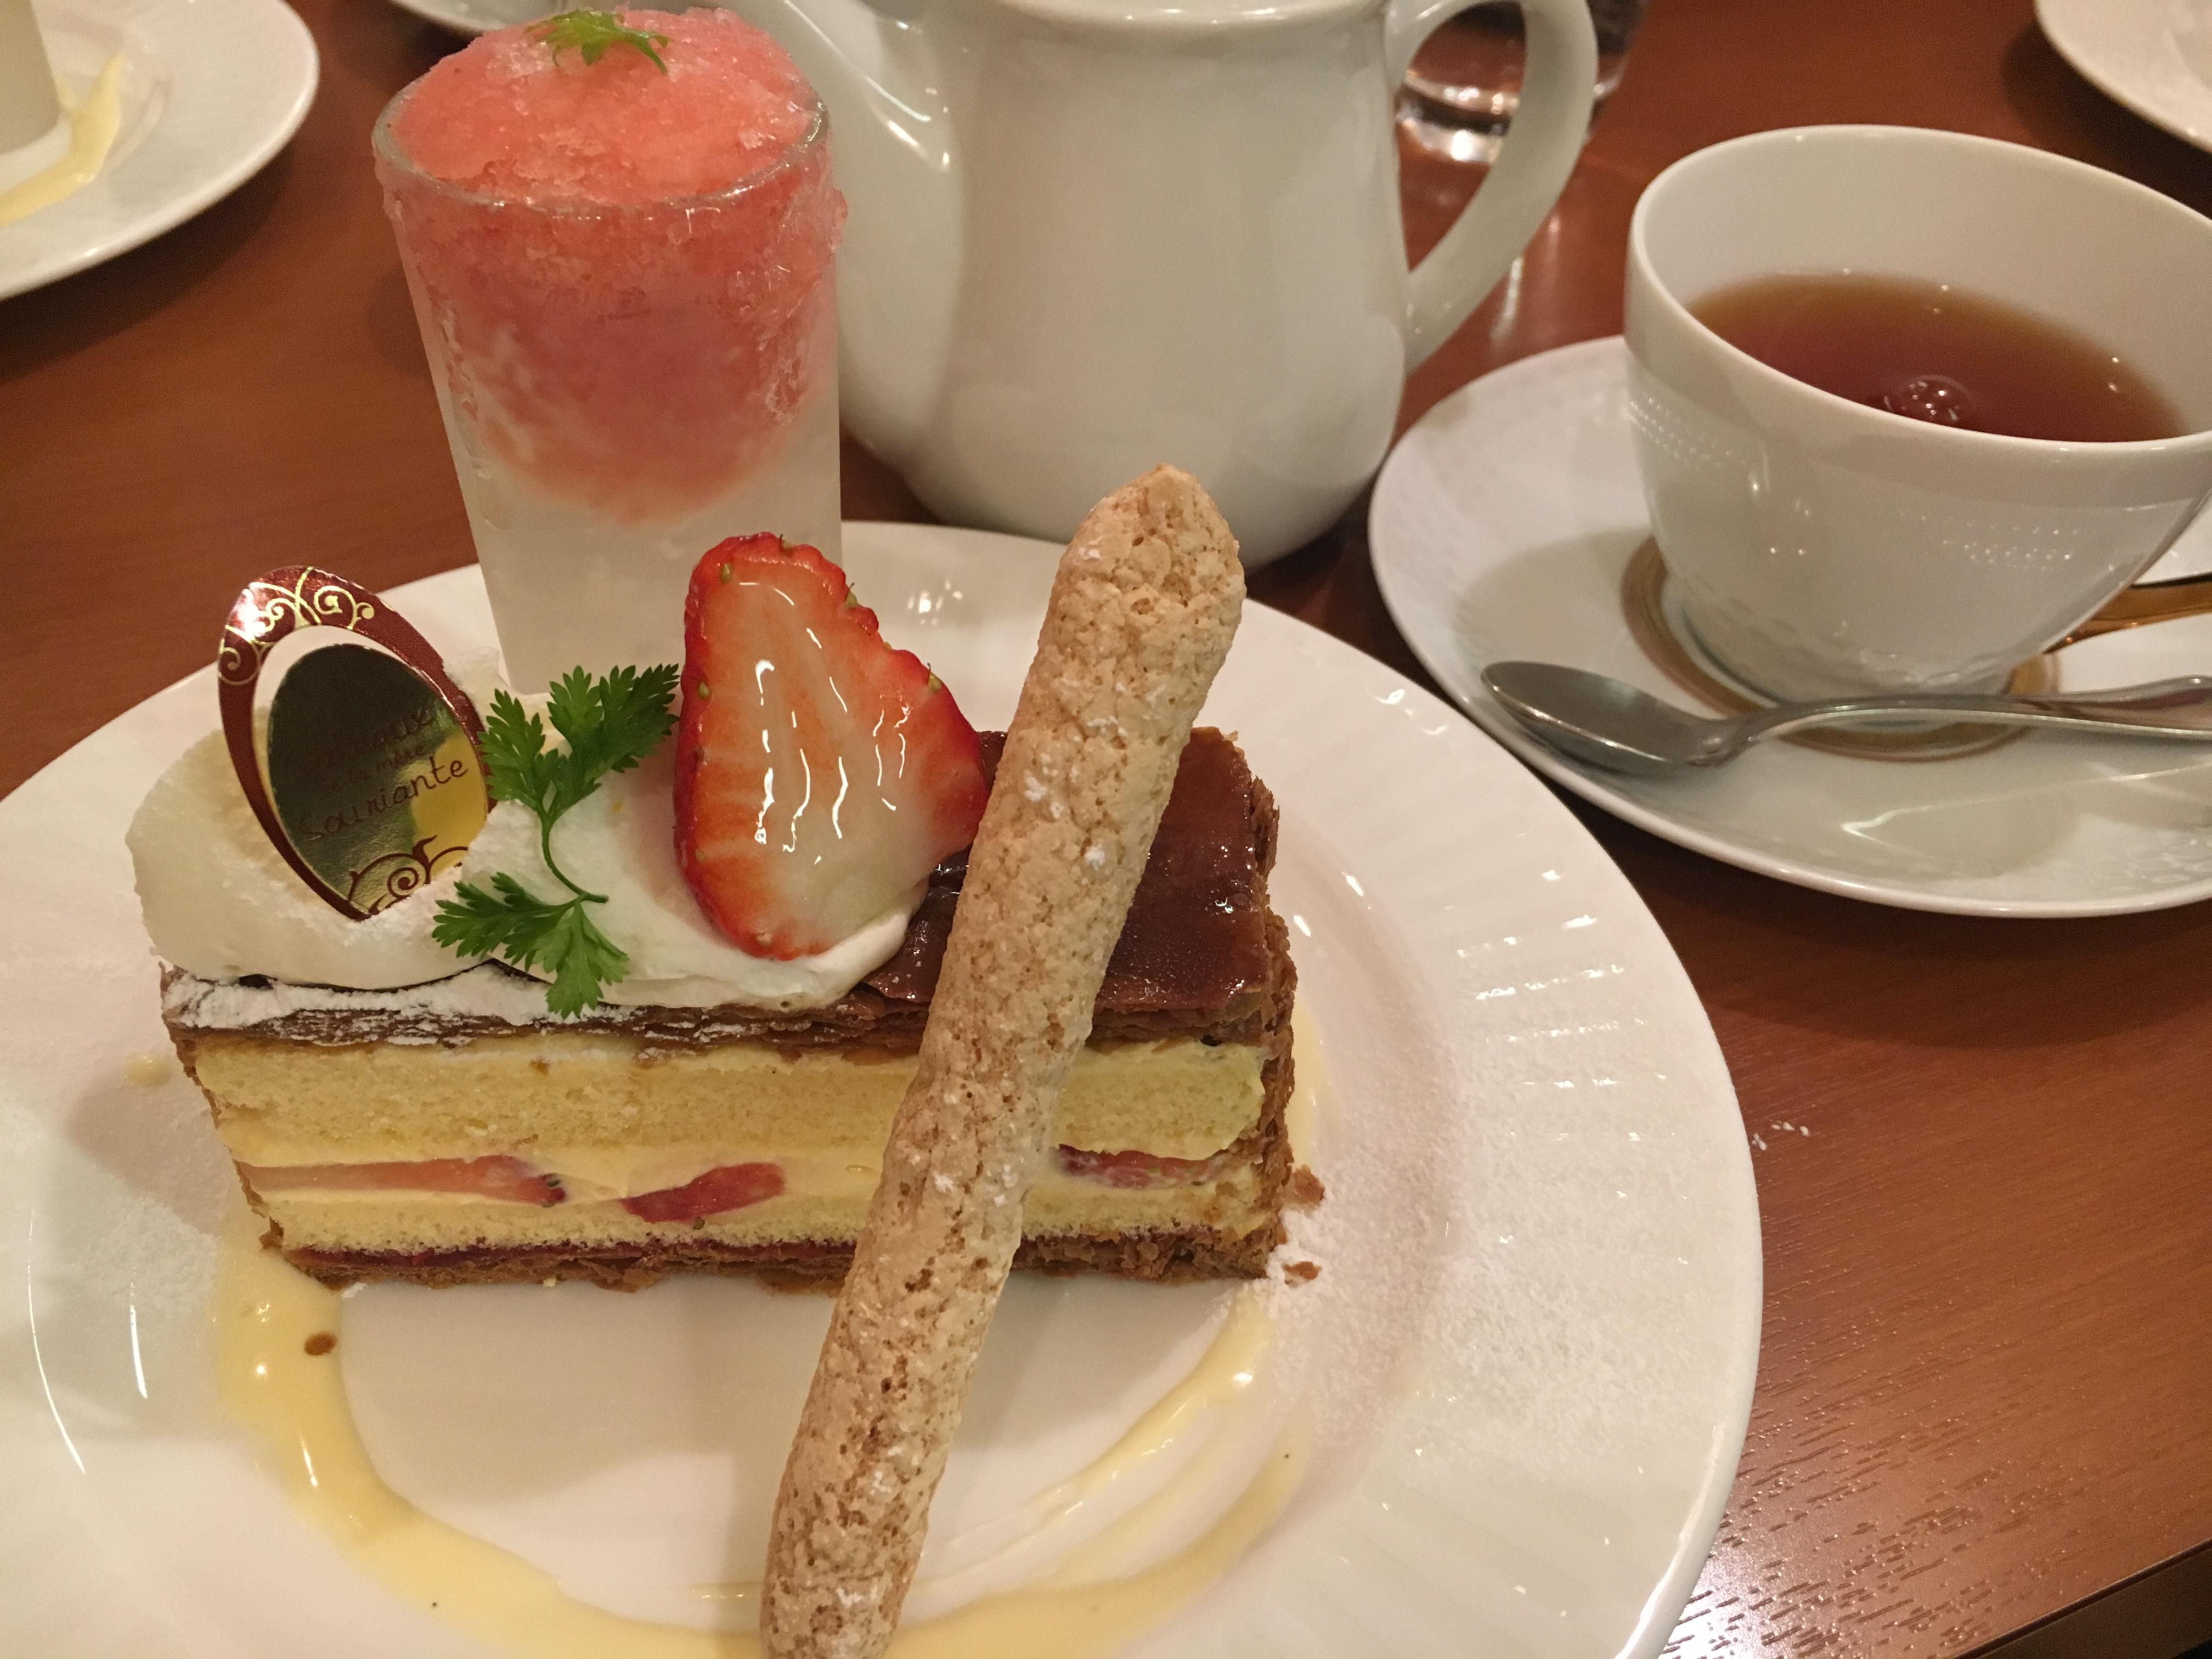 【名古屋東別院】ガトーデュラメールスリアンのケーキセットが魅力